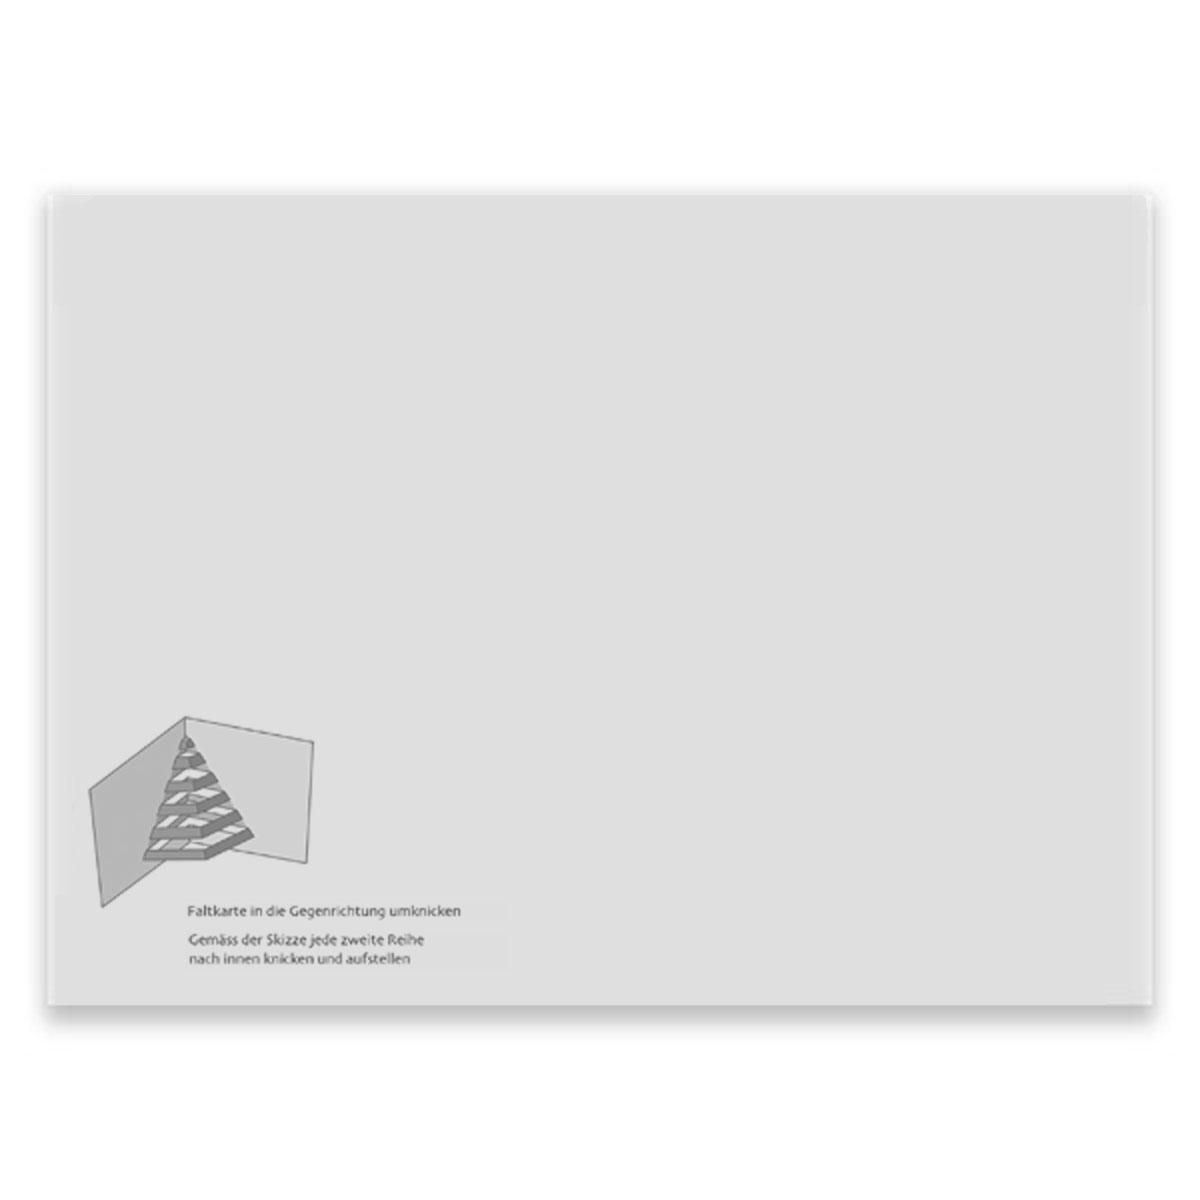 Einlegeblätter Für Weihnachtskarten.Transparente Einlegeblätter Für Weihnachtskarten